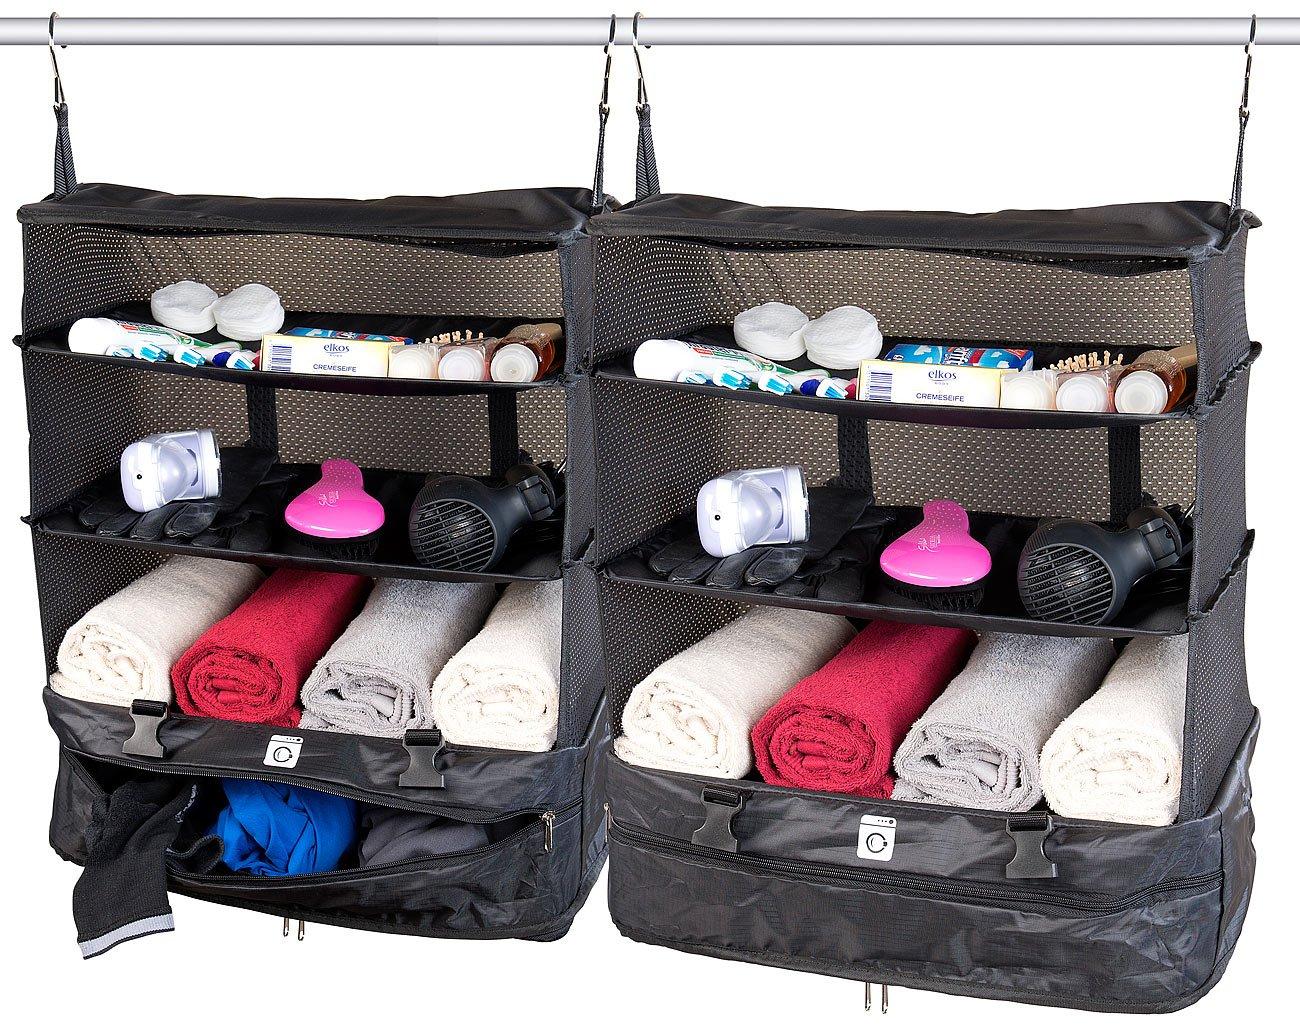 Xcase Koffer-Organizer-Taschen: 2er-Set XXL-Koffer-Organizer, Packwürfel zum Aufhängen, 45 x 64 x 30cm (Reisekoffer-Taschen)